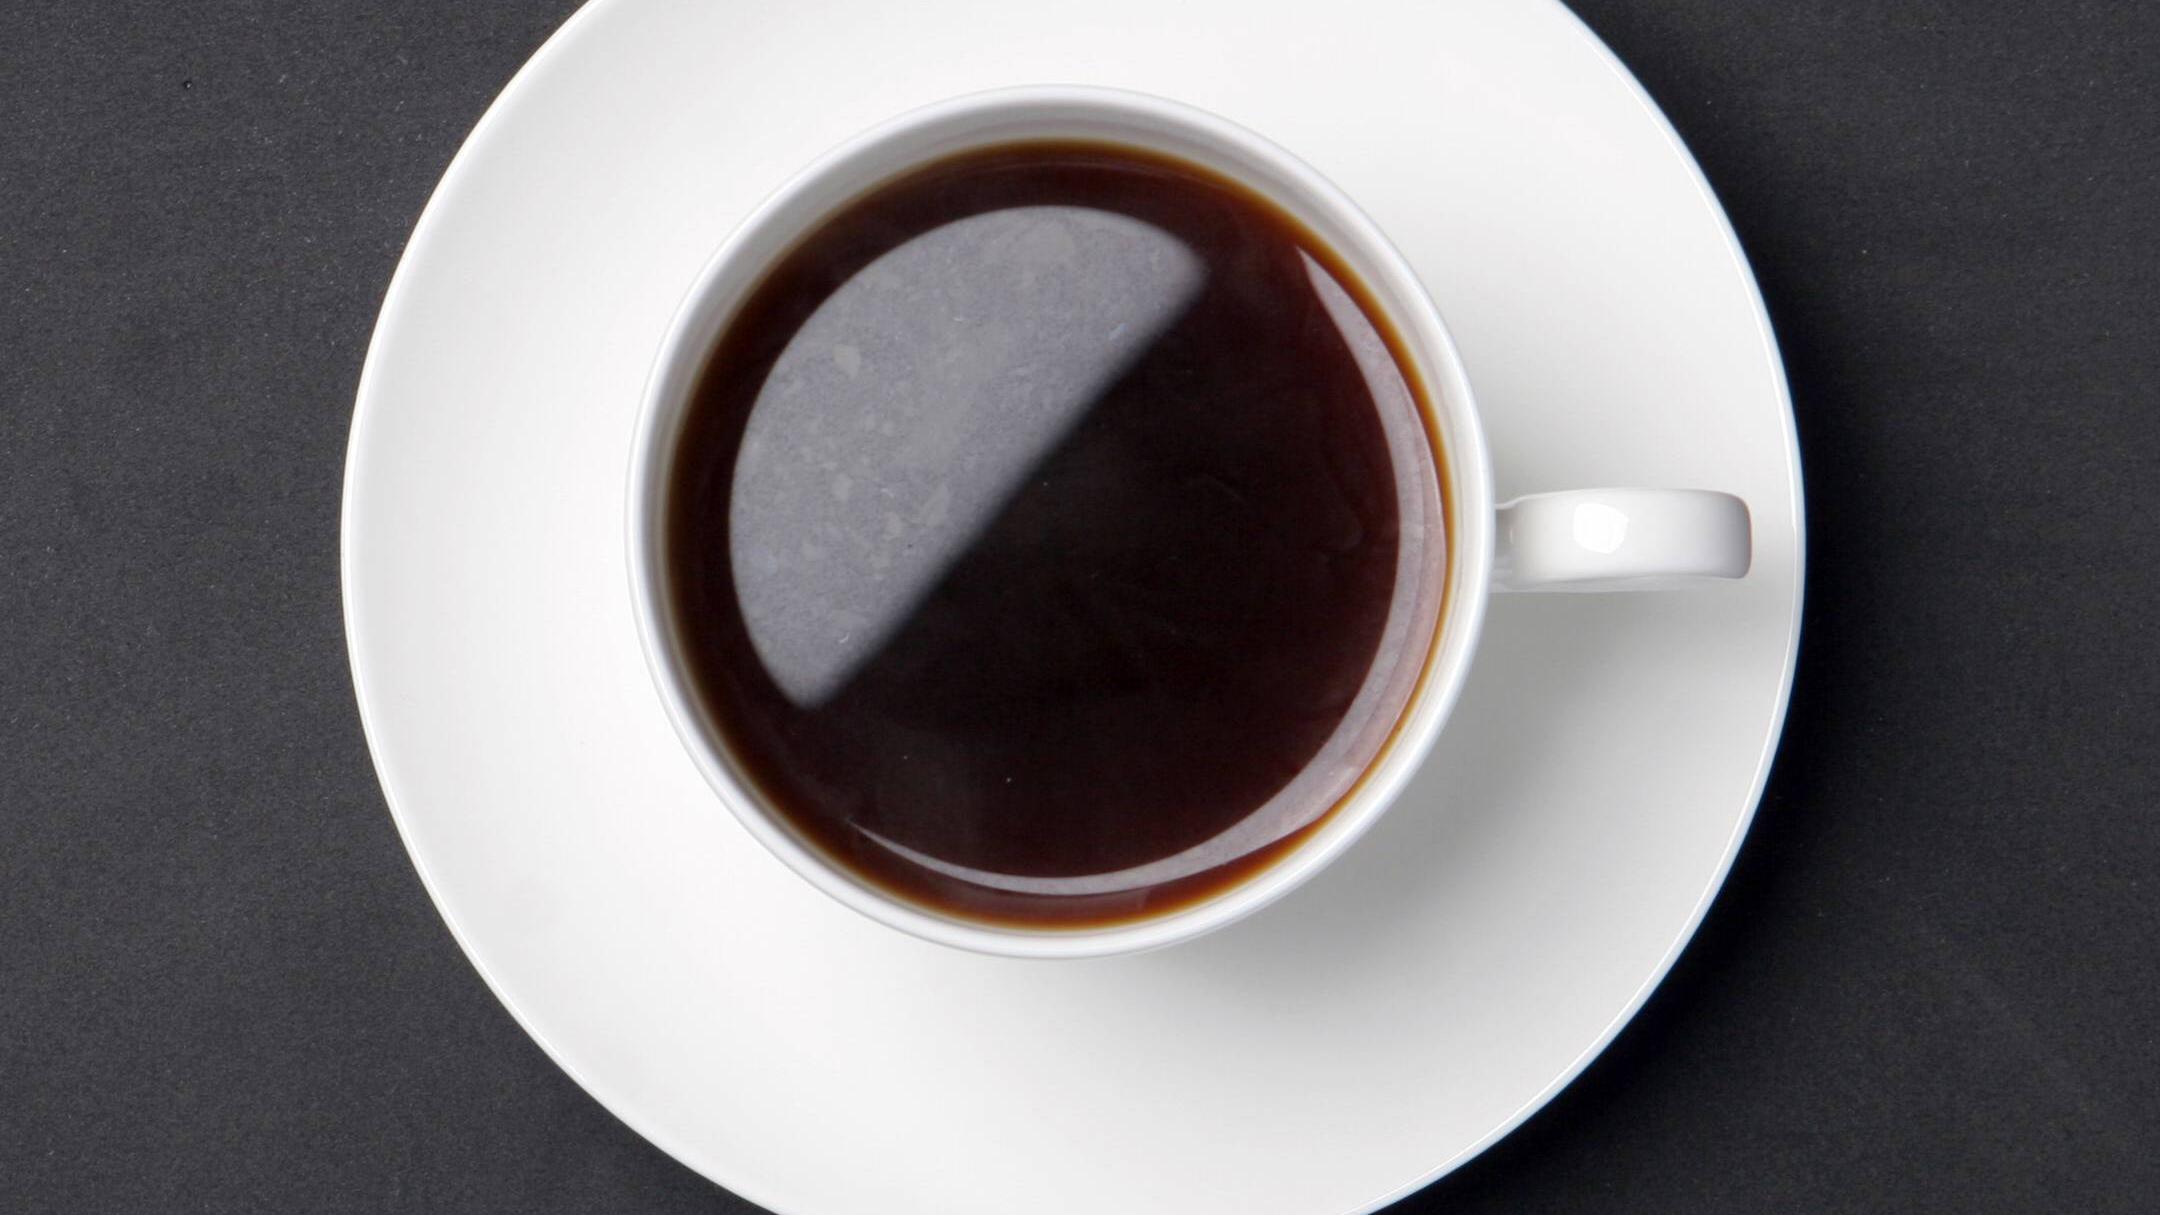 Kreislaufprobleme nach Kaffee: Das sollten Sie wissen